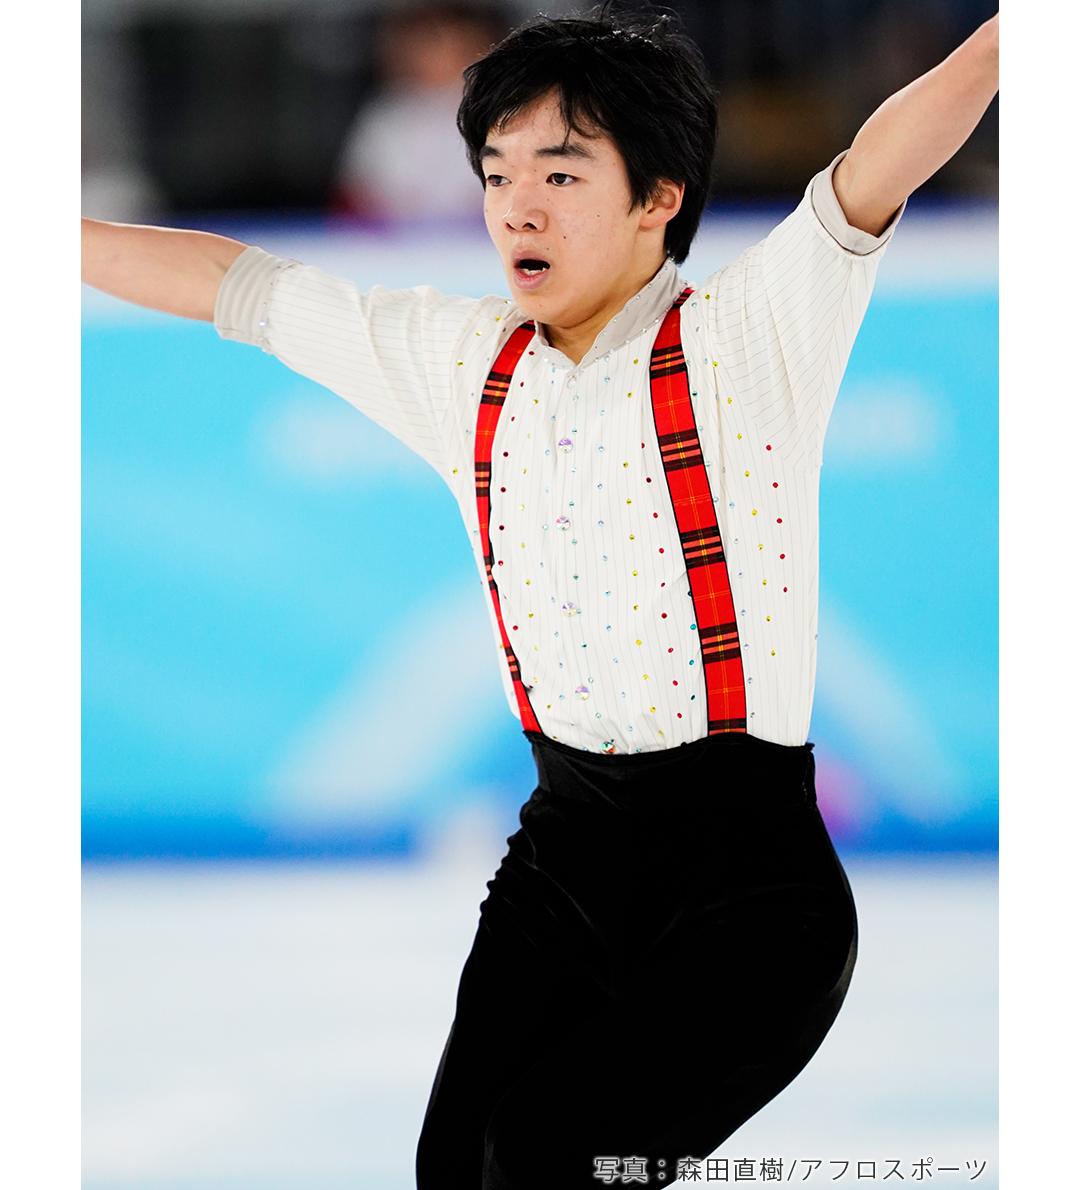 世界中から氷上のイケメンが集結! フィギュアスケート男子フォトギャラリー_1_69